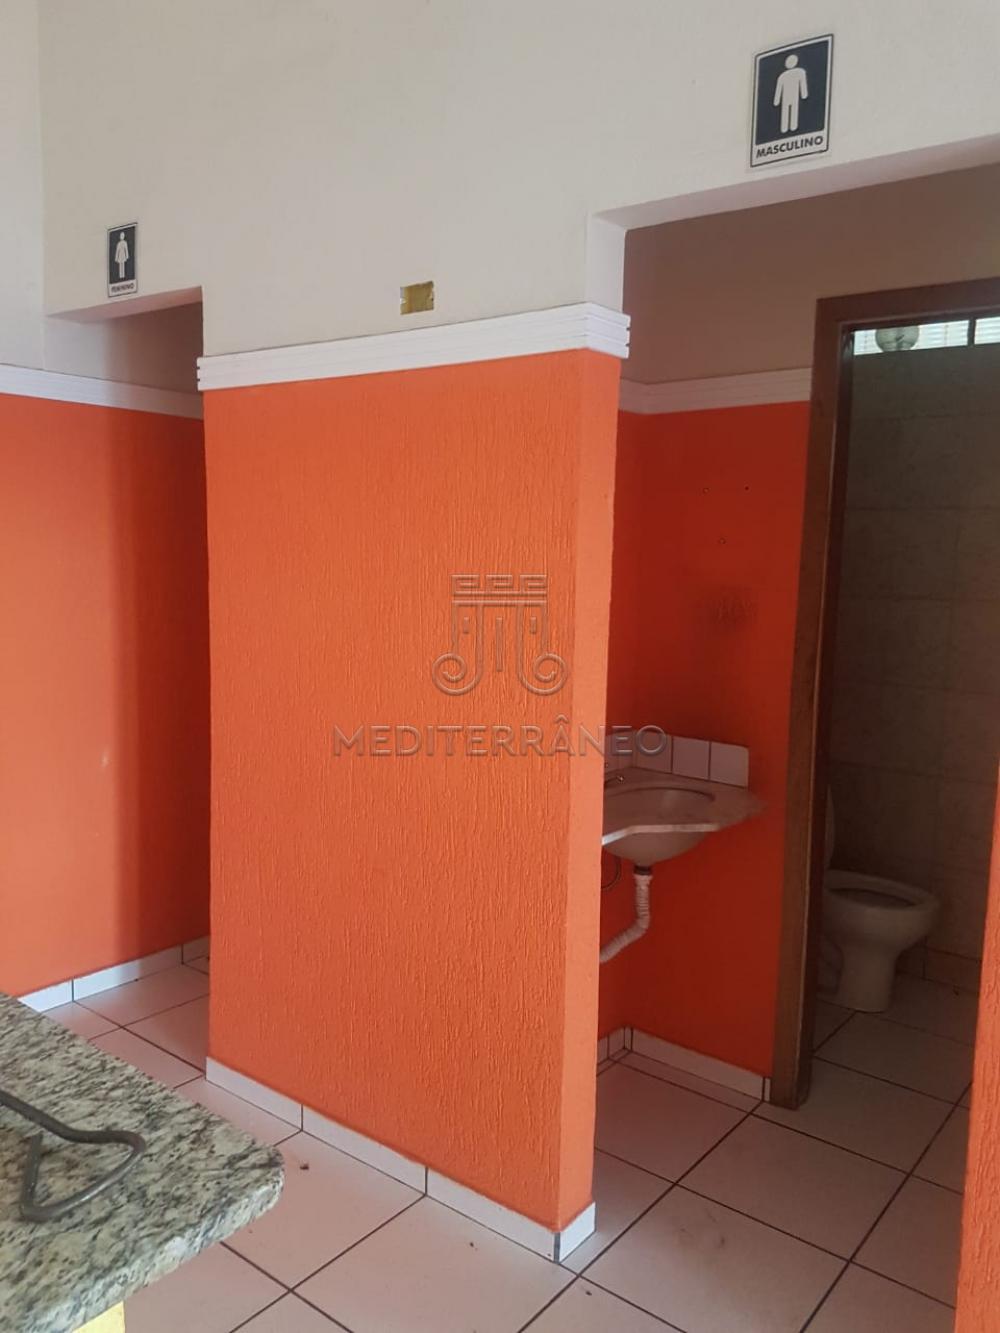 Alugar Comercial / Salão em Jundiaí apenas R$ 2.500,00 - Foto 8